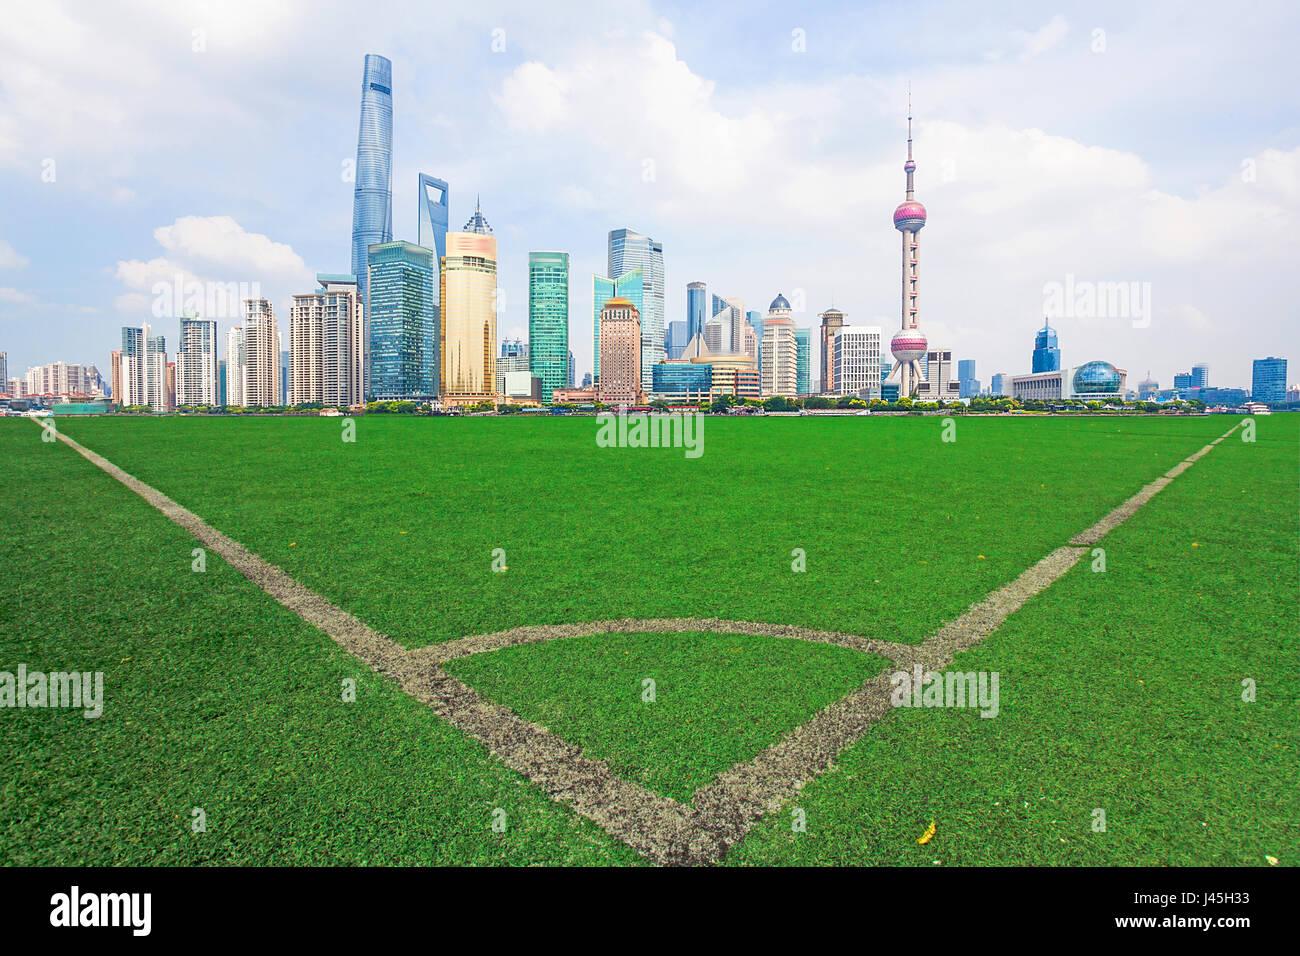 L'architecture urbaine à Shanghai Banque D'Images